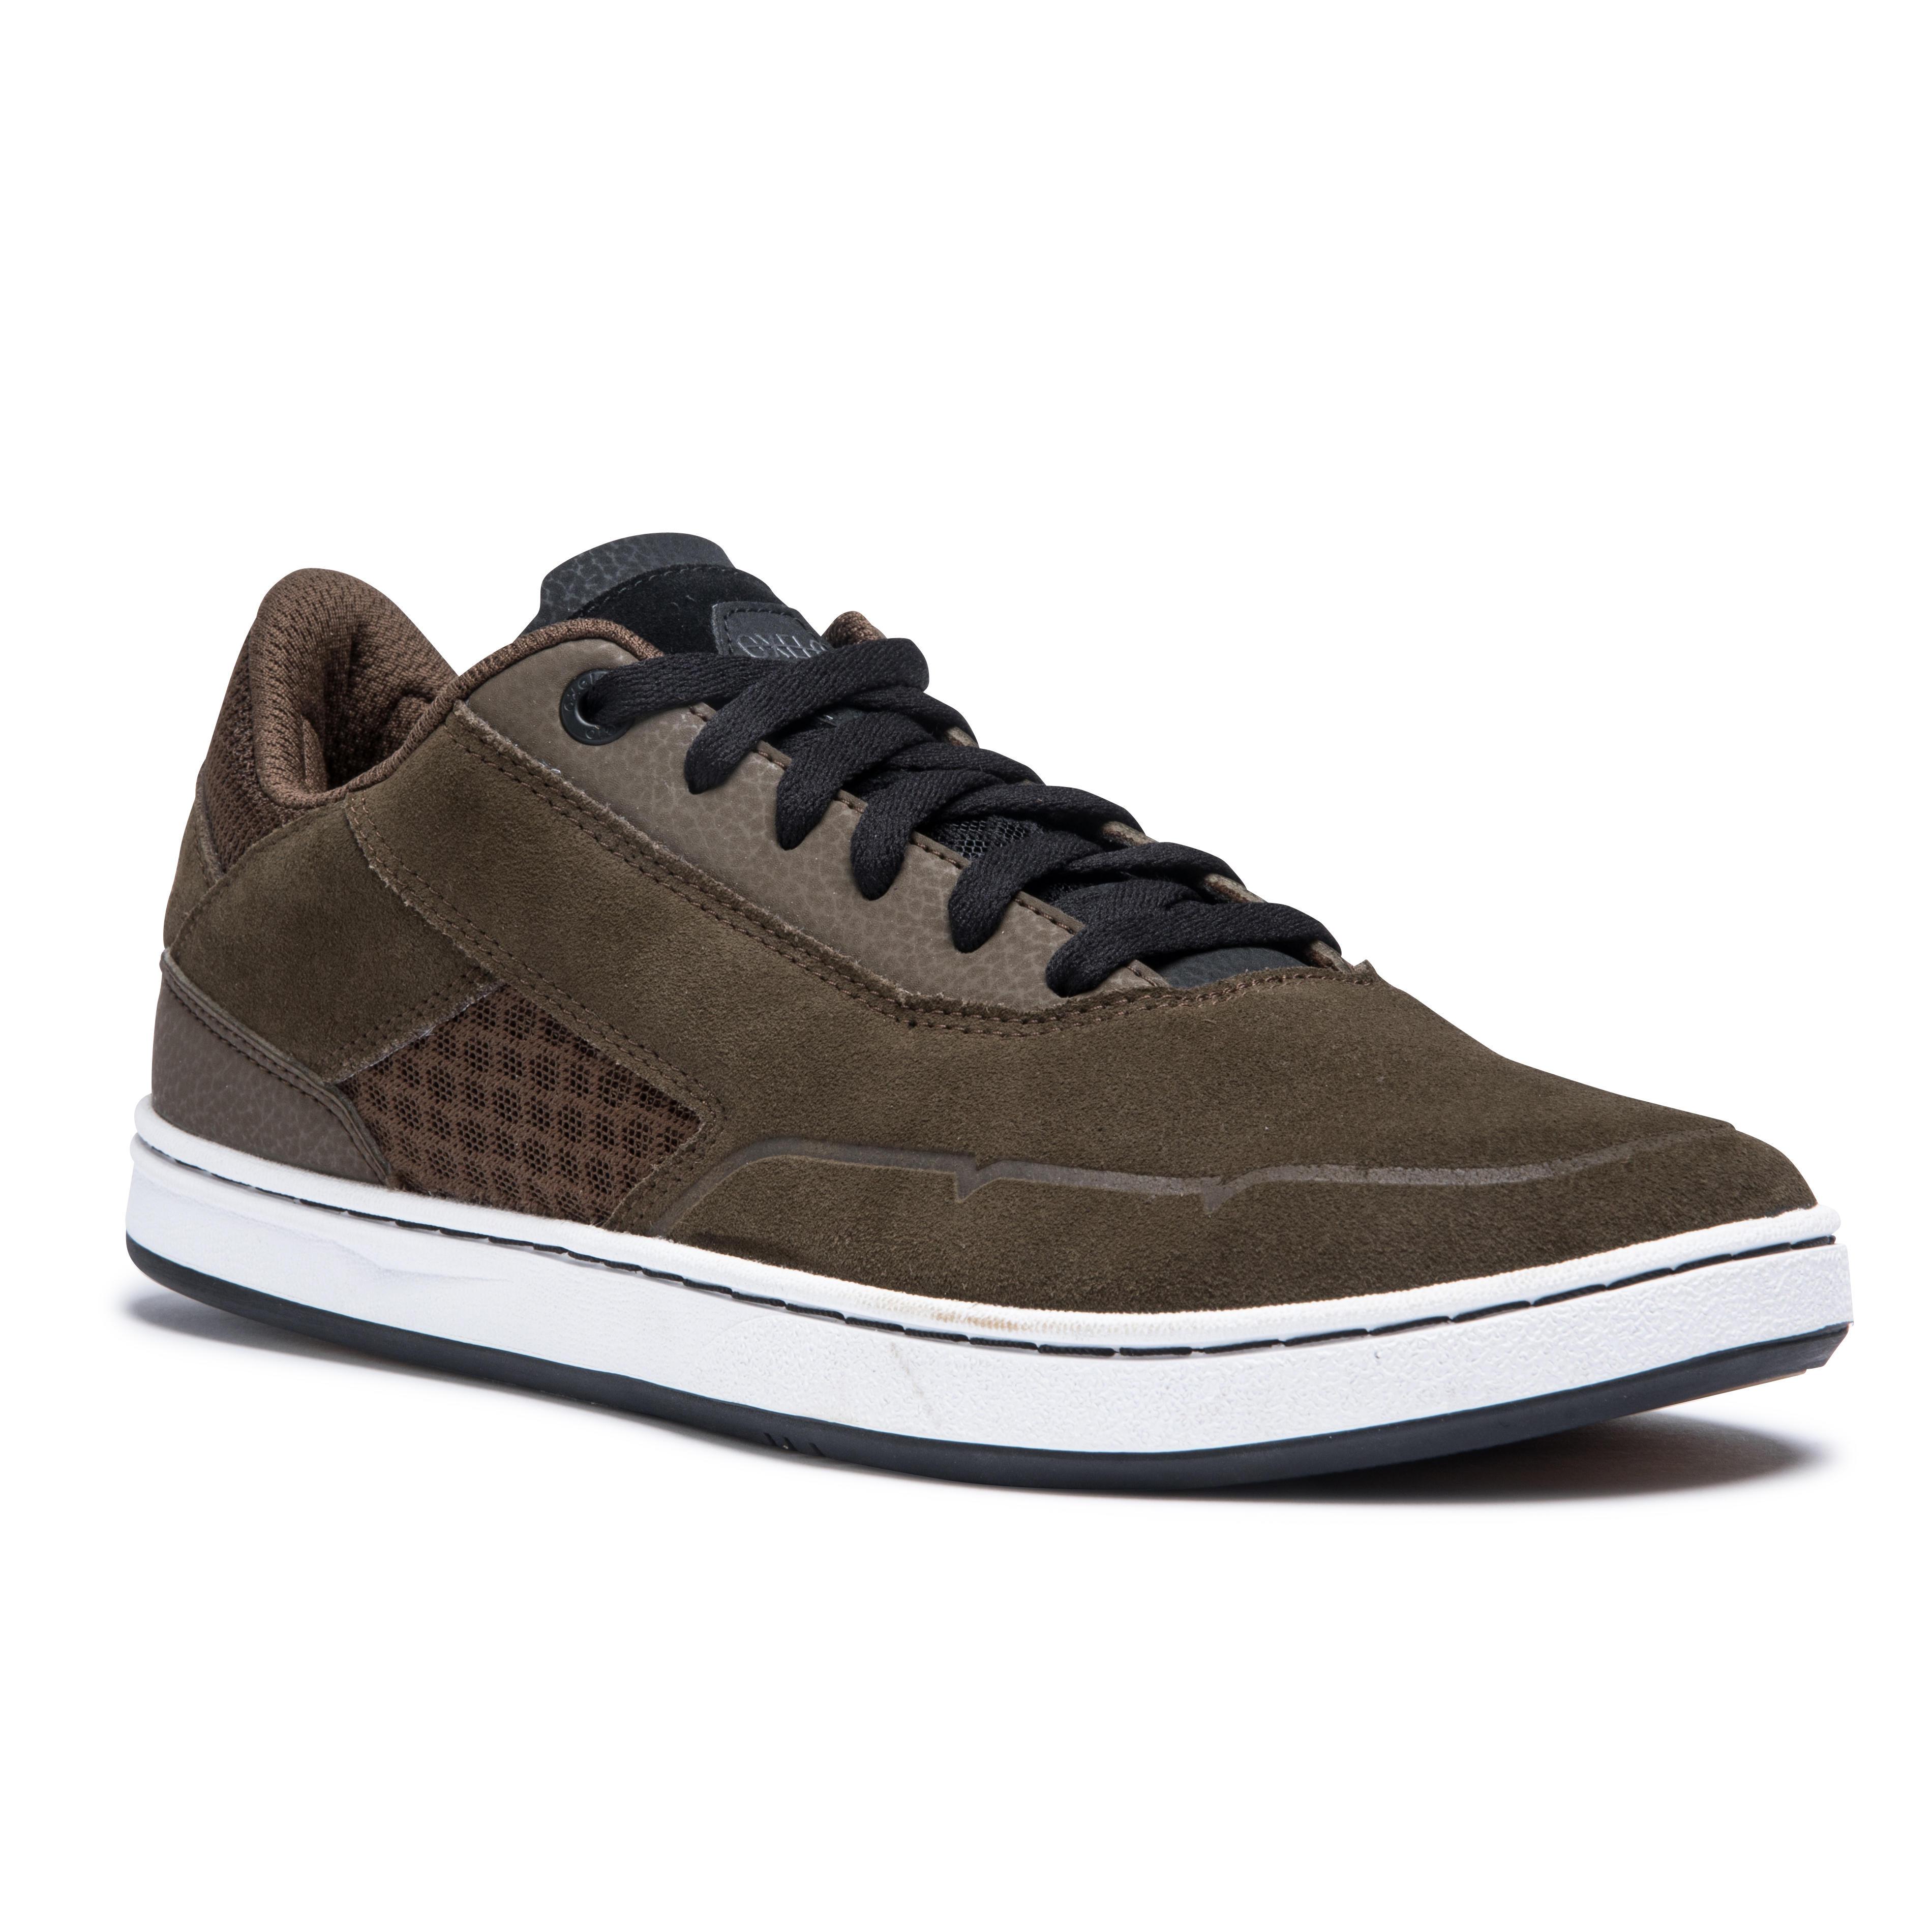 04c09cf68 Comprar Zapatillas de Skate online